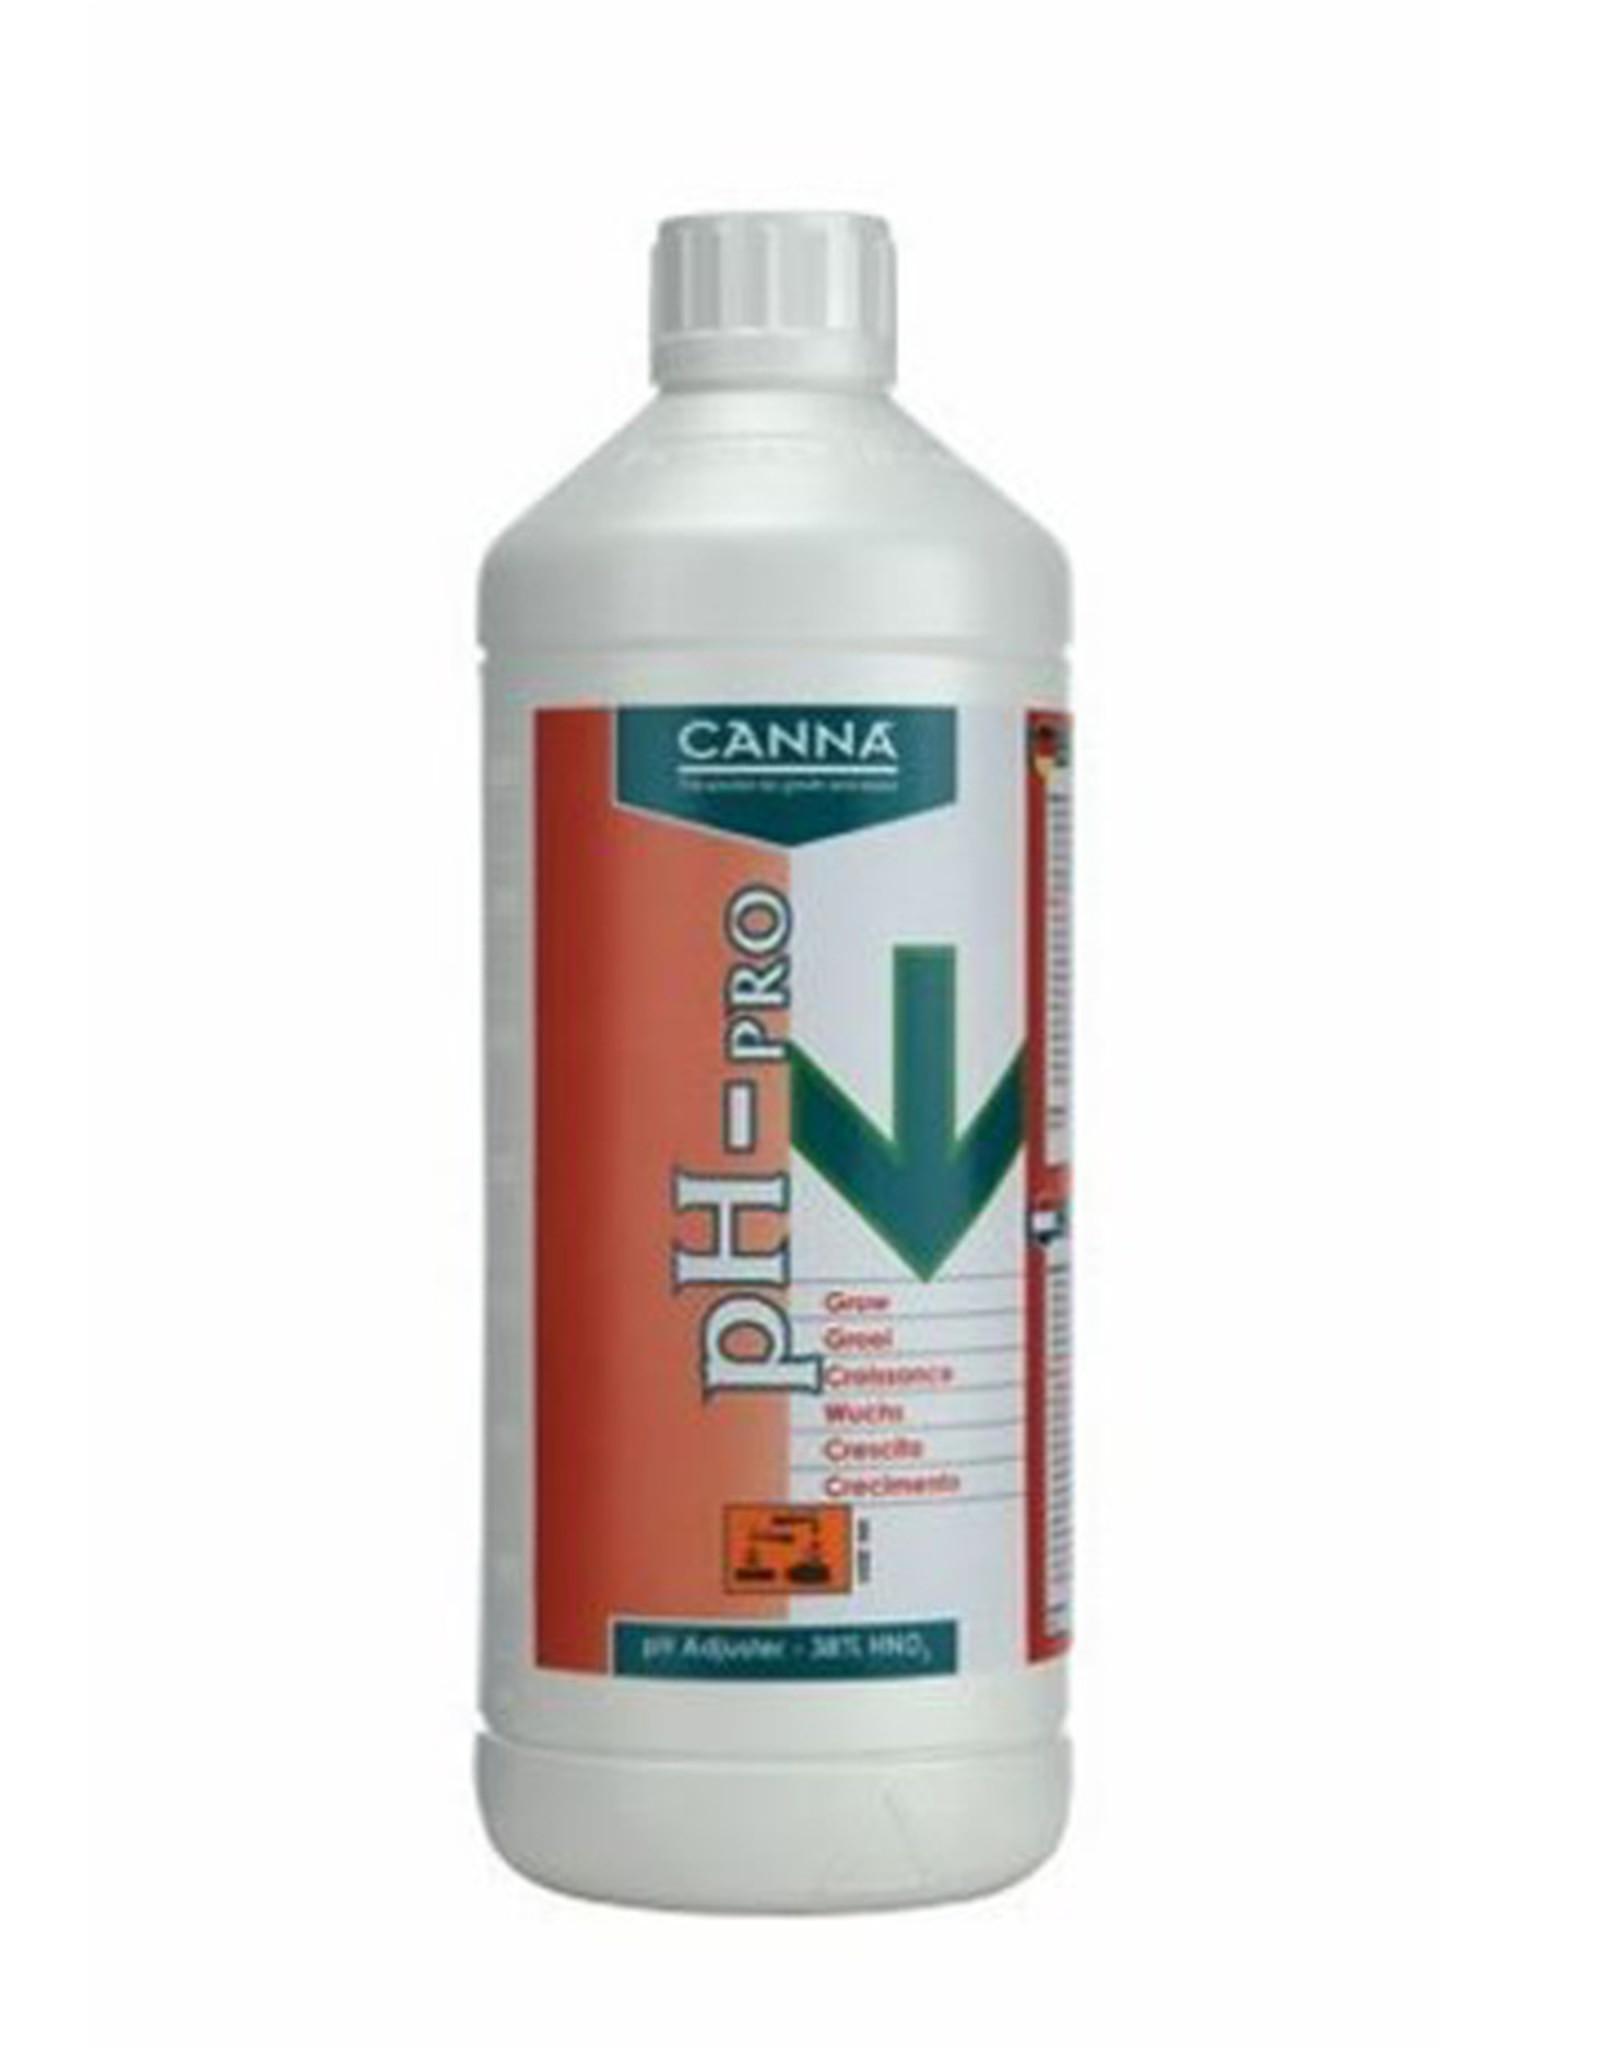 CANNA CANNA PH-WUCHS 17% PRO 1L